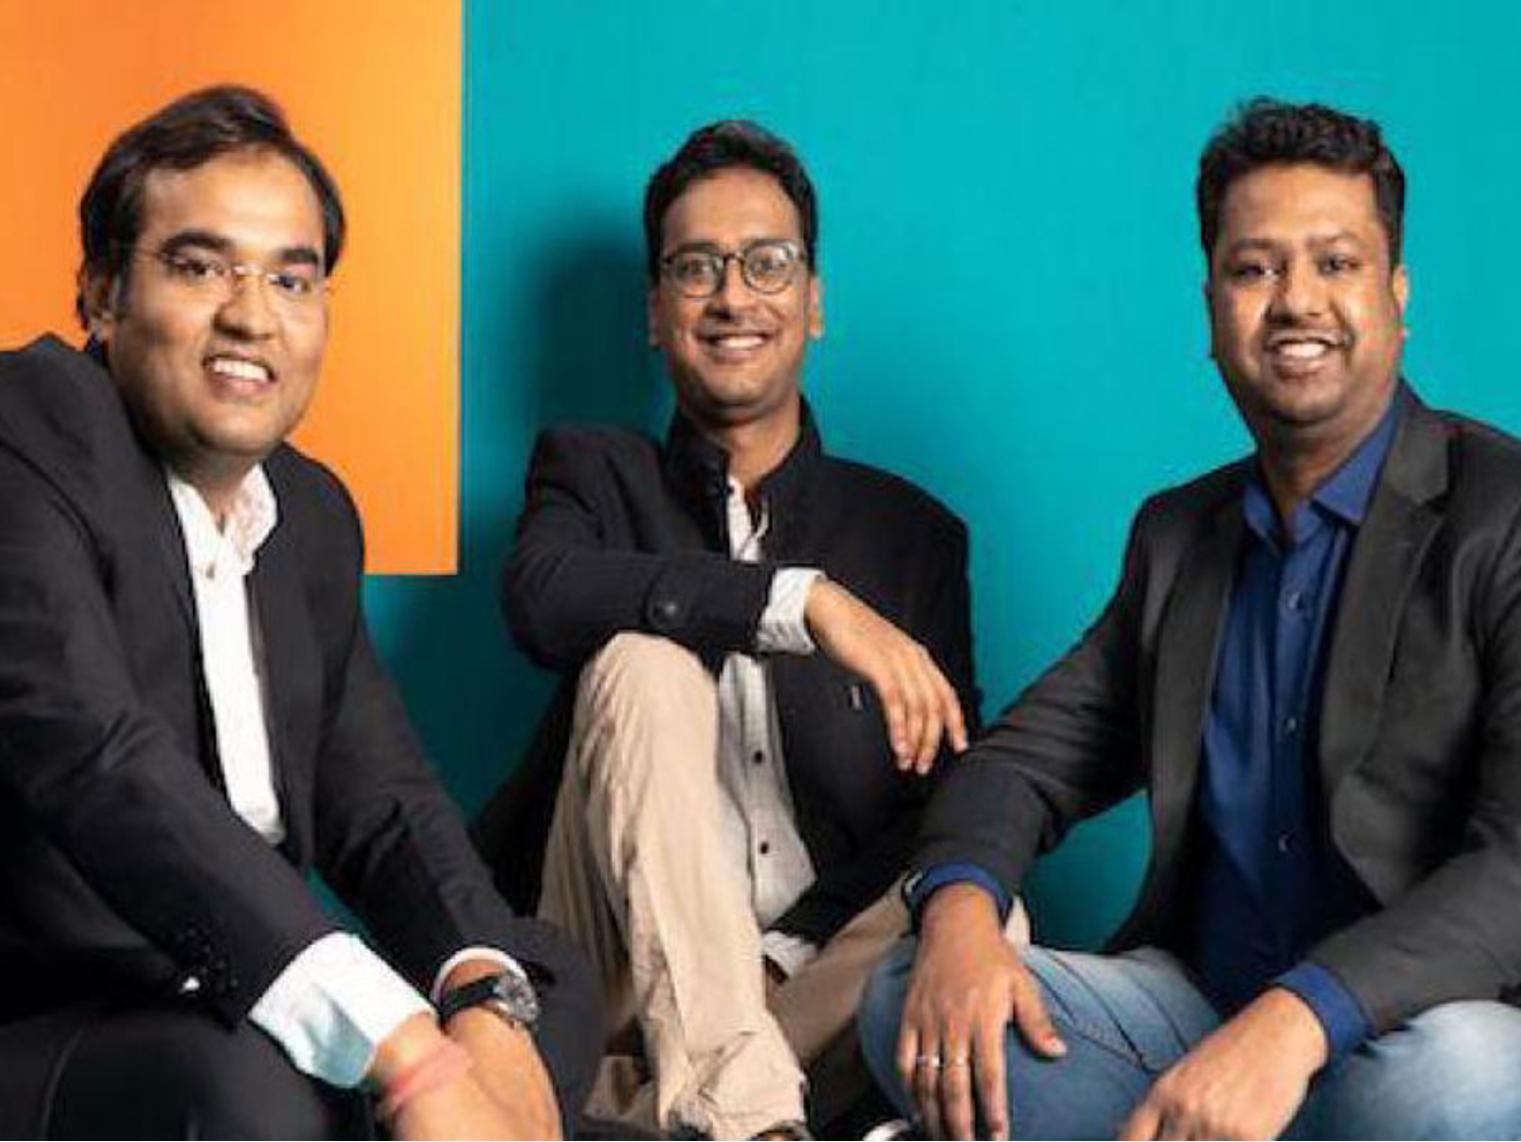 कॉइनस्विच कुबेर ने जुटाया 1,963 करोड़ रुपए का सीरीज C फंड; 14,343 करोड़ रुपए के वैल्यूएशन के साथ बना भारत का सबसे बड़ा क्रिप्टो एसेट प्लेटफार्म|बिजनेस,Business - Dainik Bhaskar